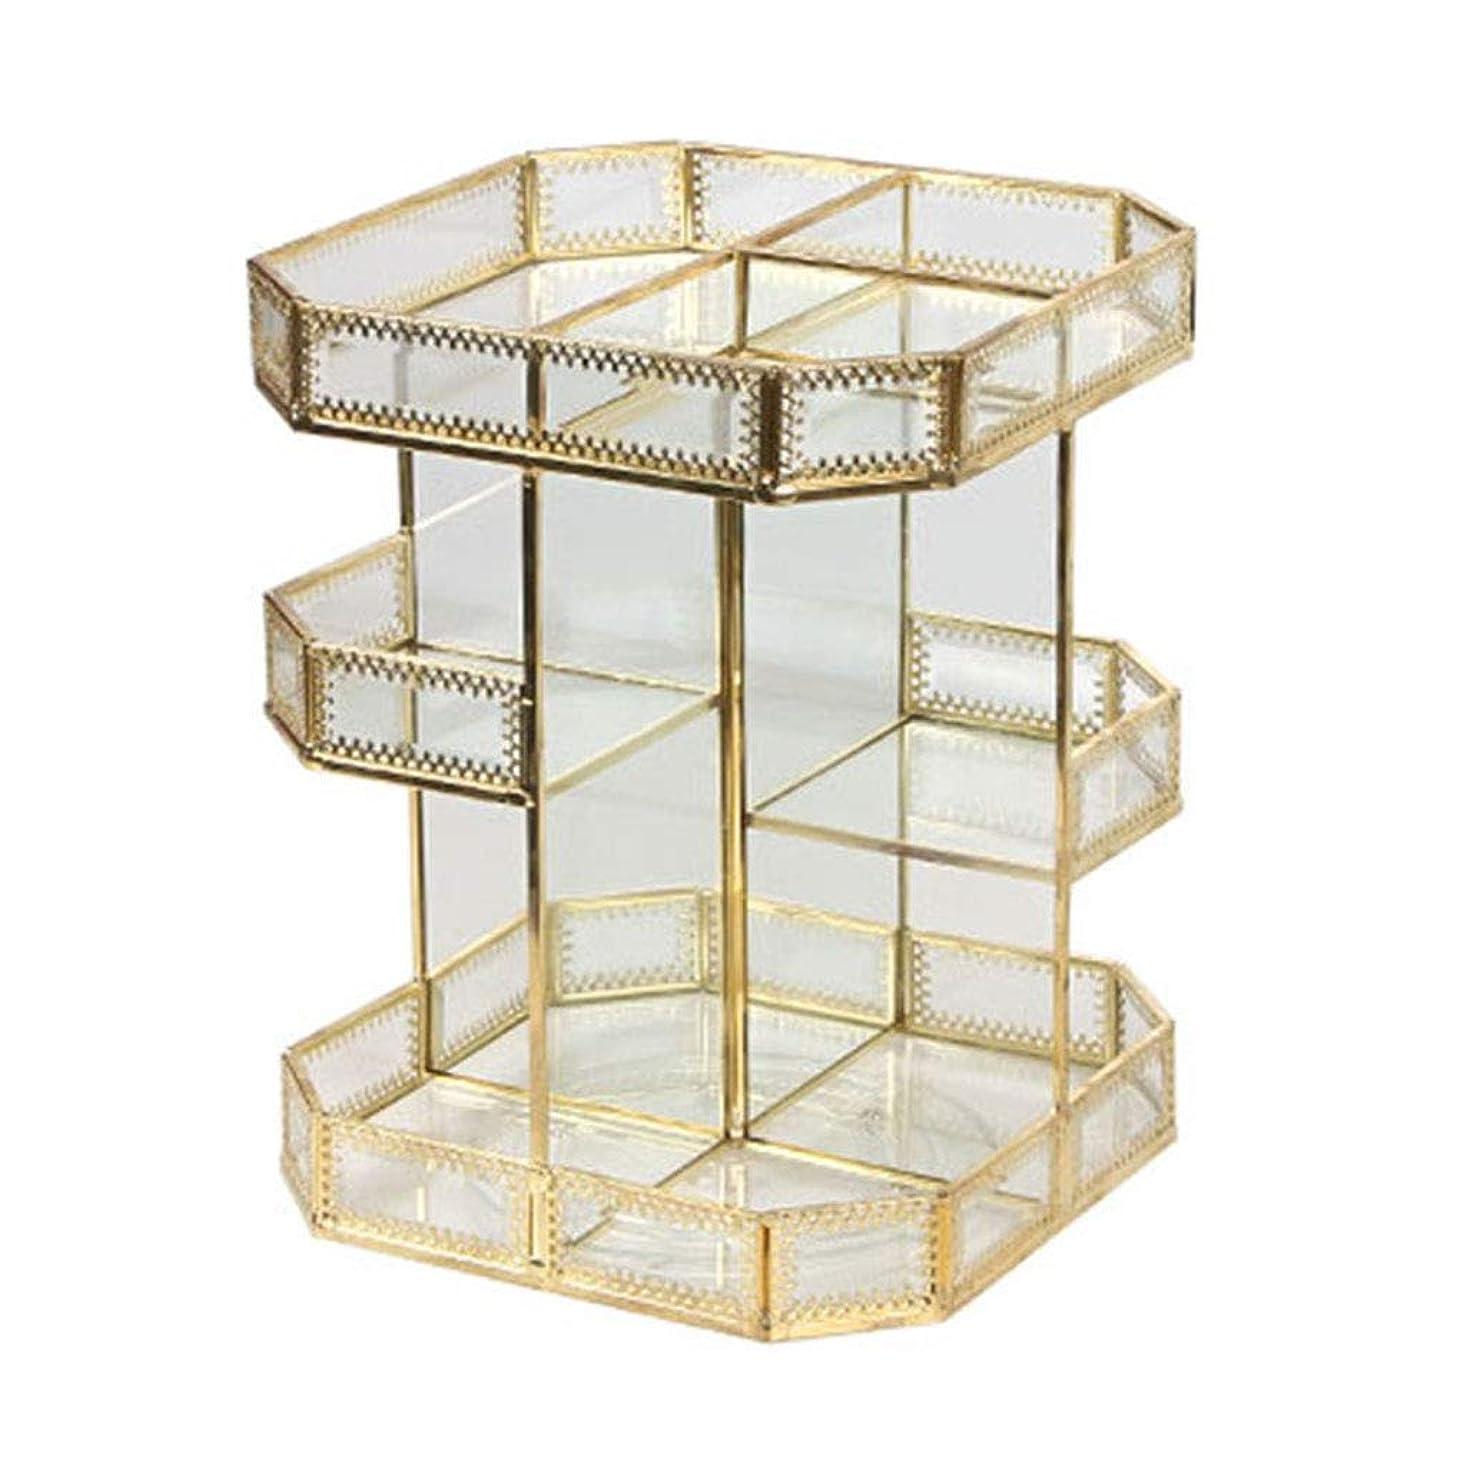 便利さ憲法モス化粧品収納ボックスガラス回転透明レトロメタルデスクトップドレッシングテーブルスキンケアラック最高の贈り物 (Color : GOLD, Size : 21.7*21.7*28.2CM)